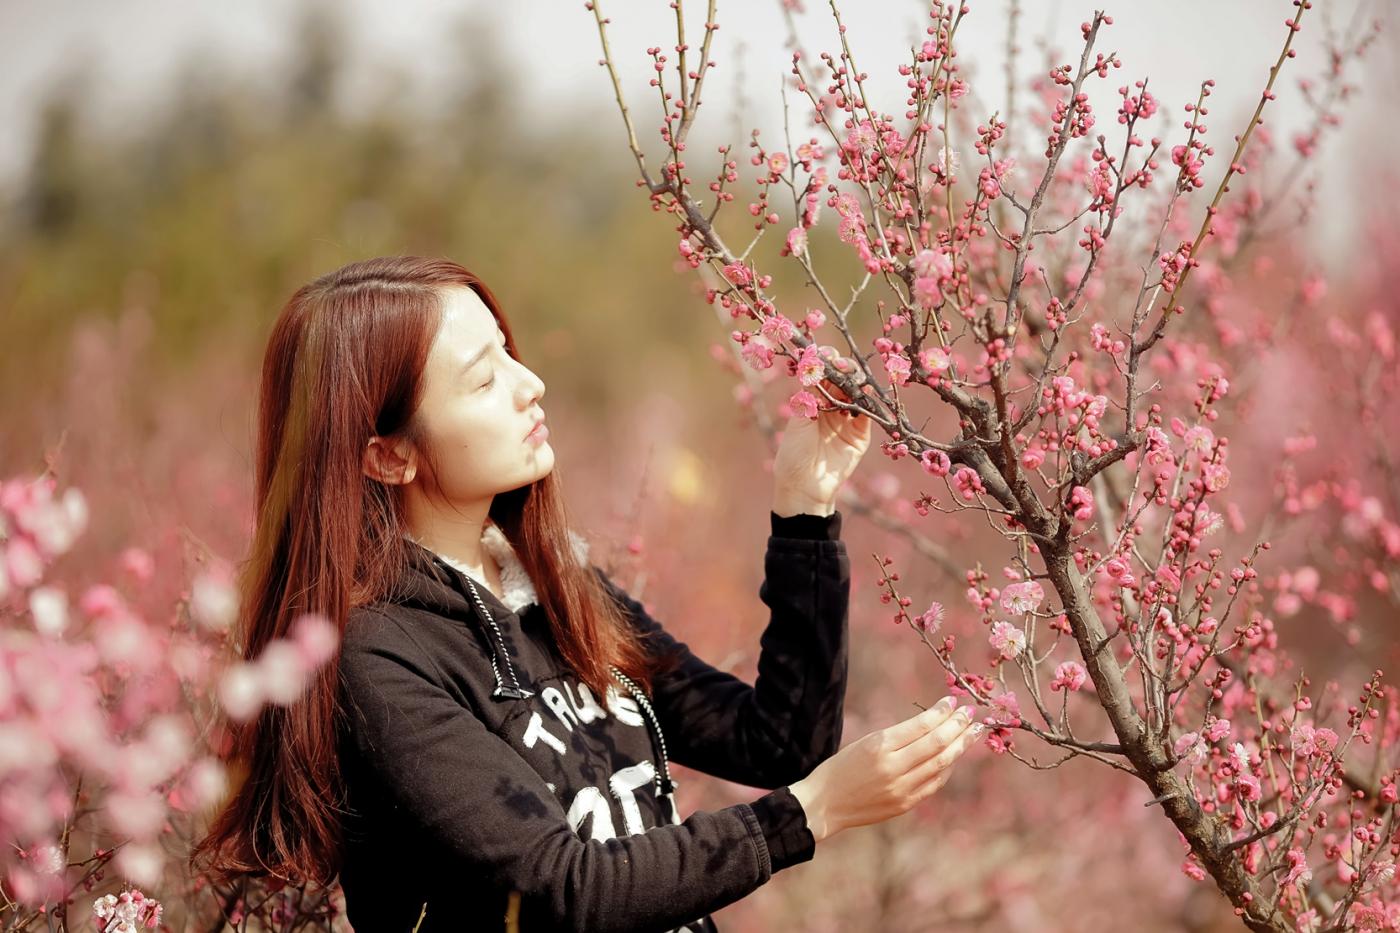 费县的春天从鲜花烂漫的梅林和女孩张诗奇的偶遇开始_图1-1